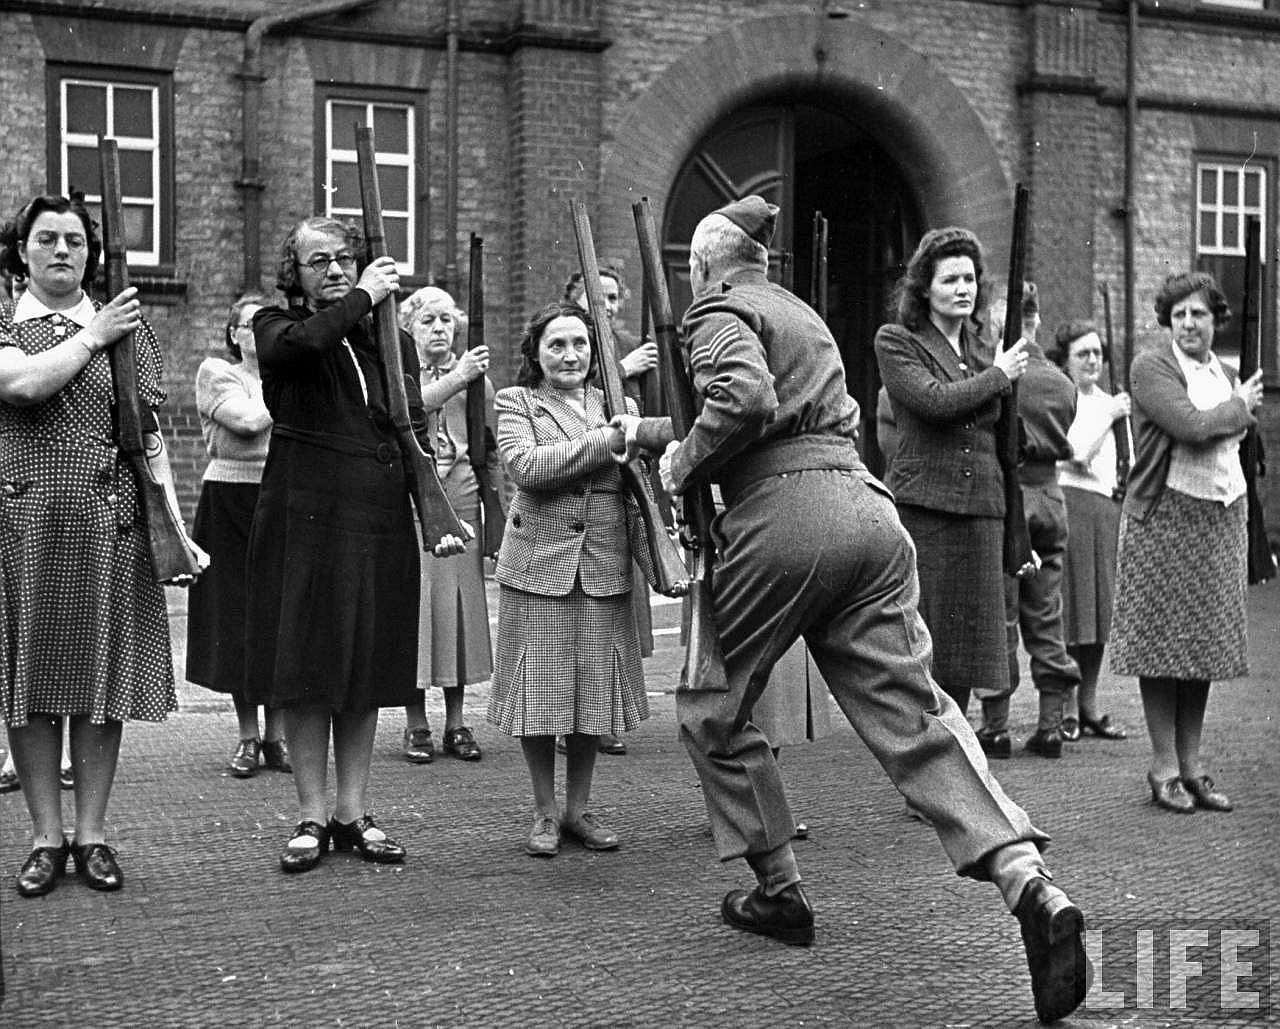 1940. Nagy-Britannia annyira készült a német invázióra, hogy még a háziasszonyok is kaphattak kiképzést fegyverhasználatból..jpg